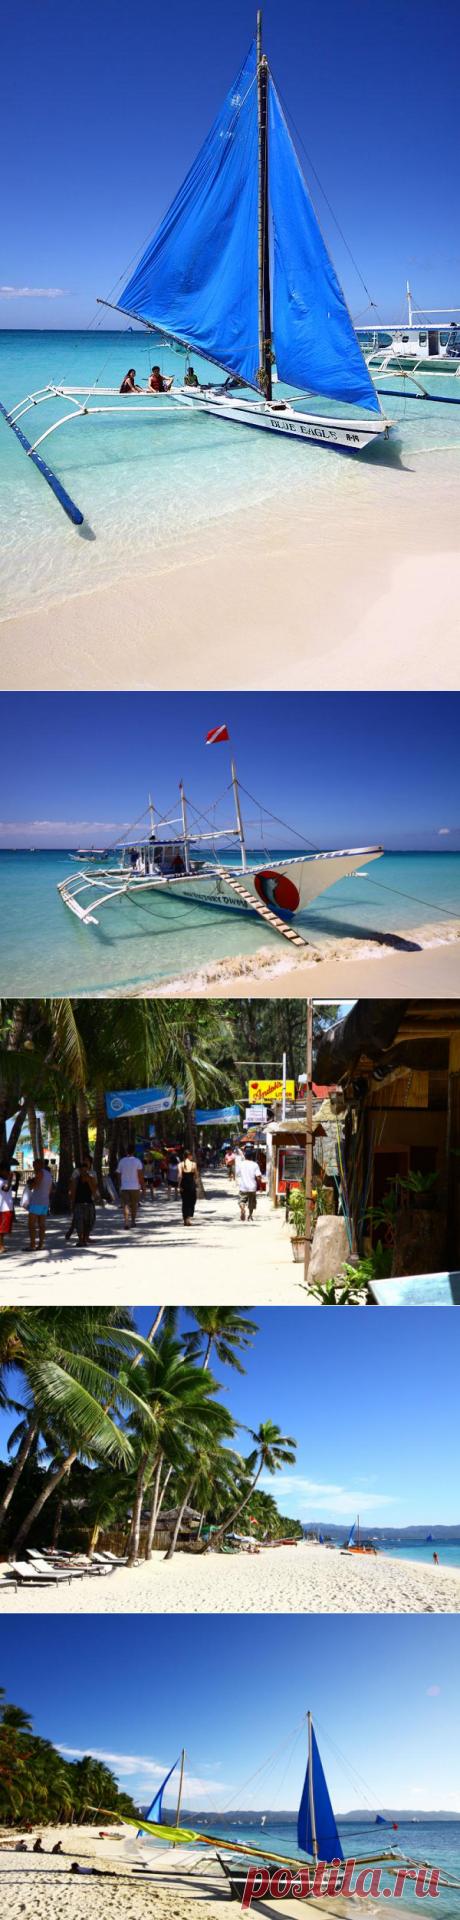 La playa blanca en la isla Borakay